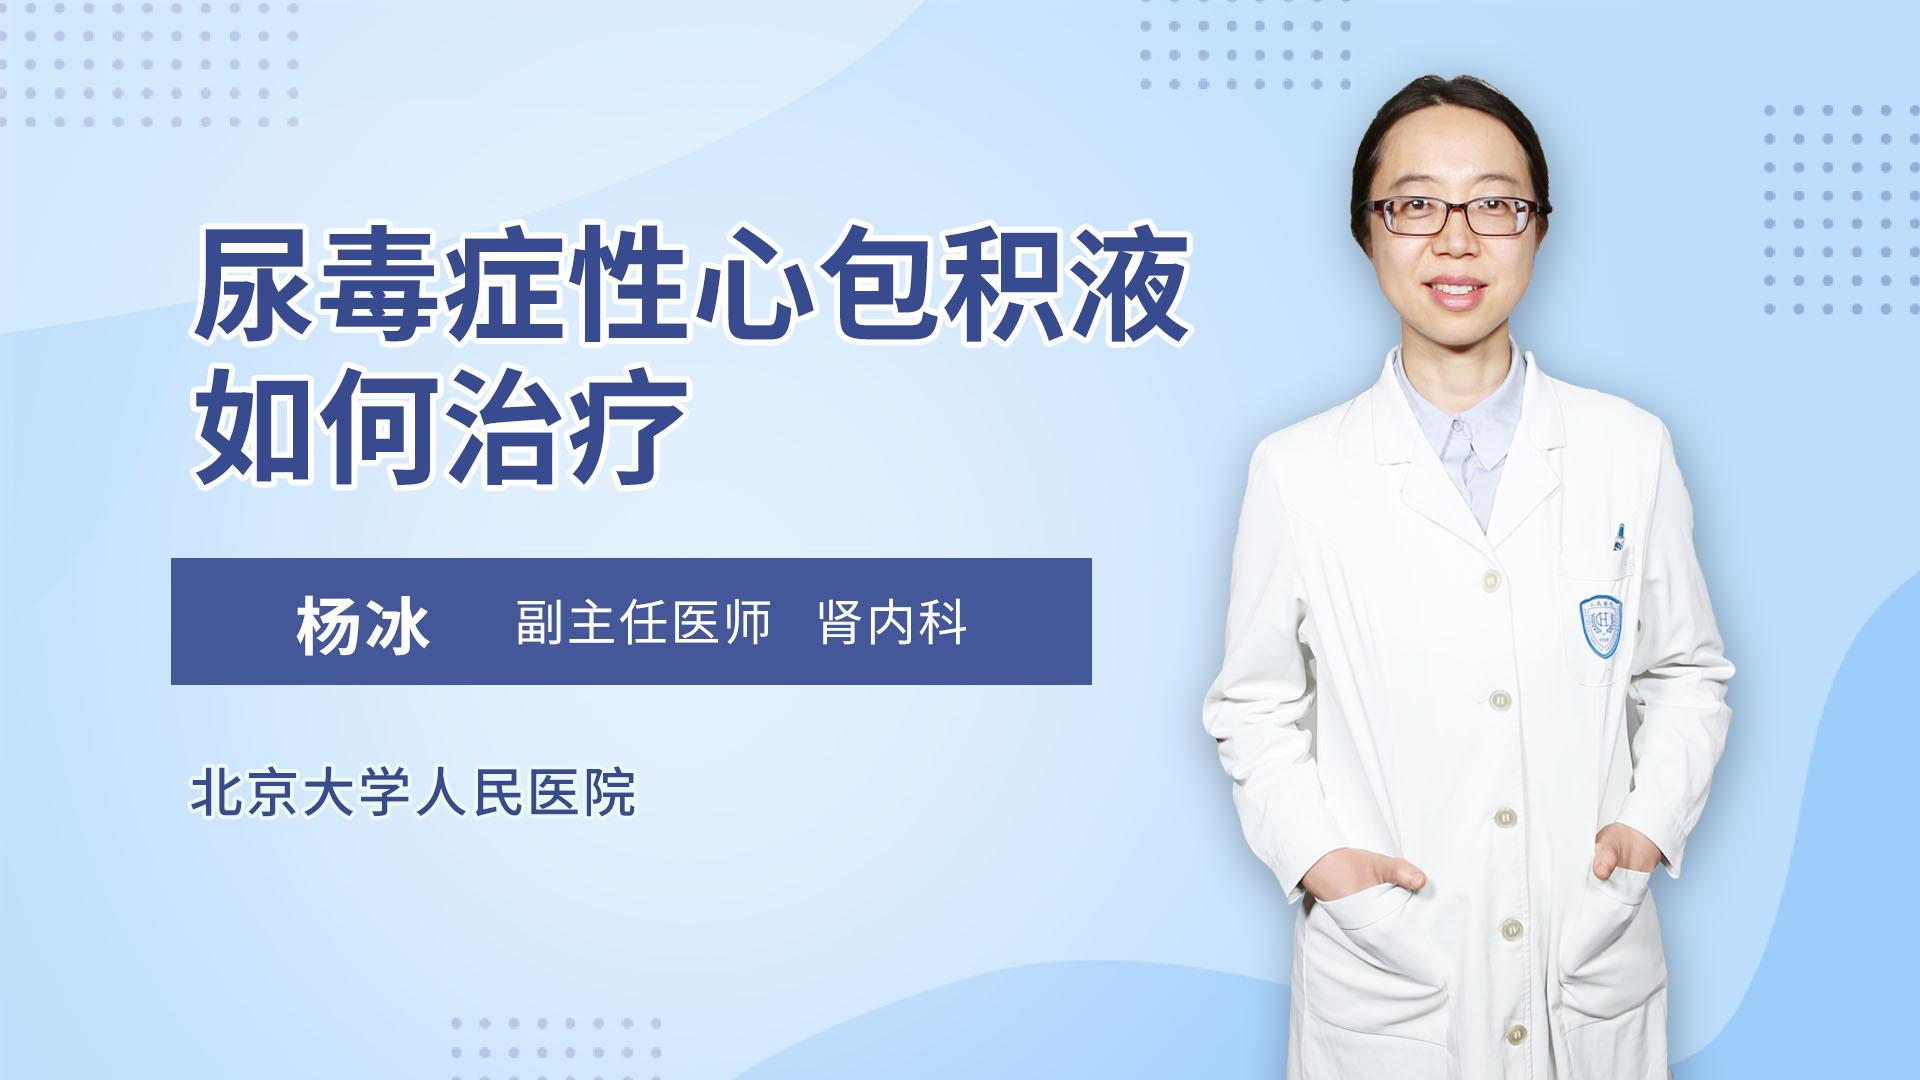 尿毒症性心包积液如何治疗